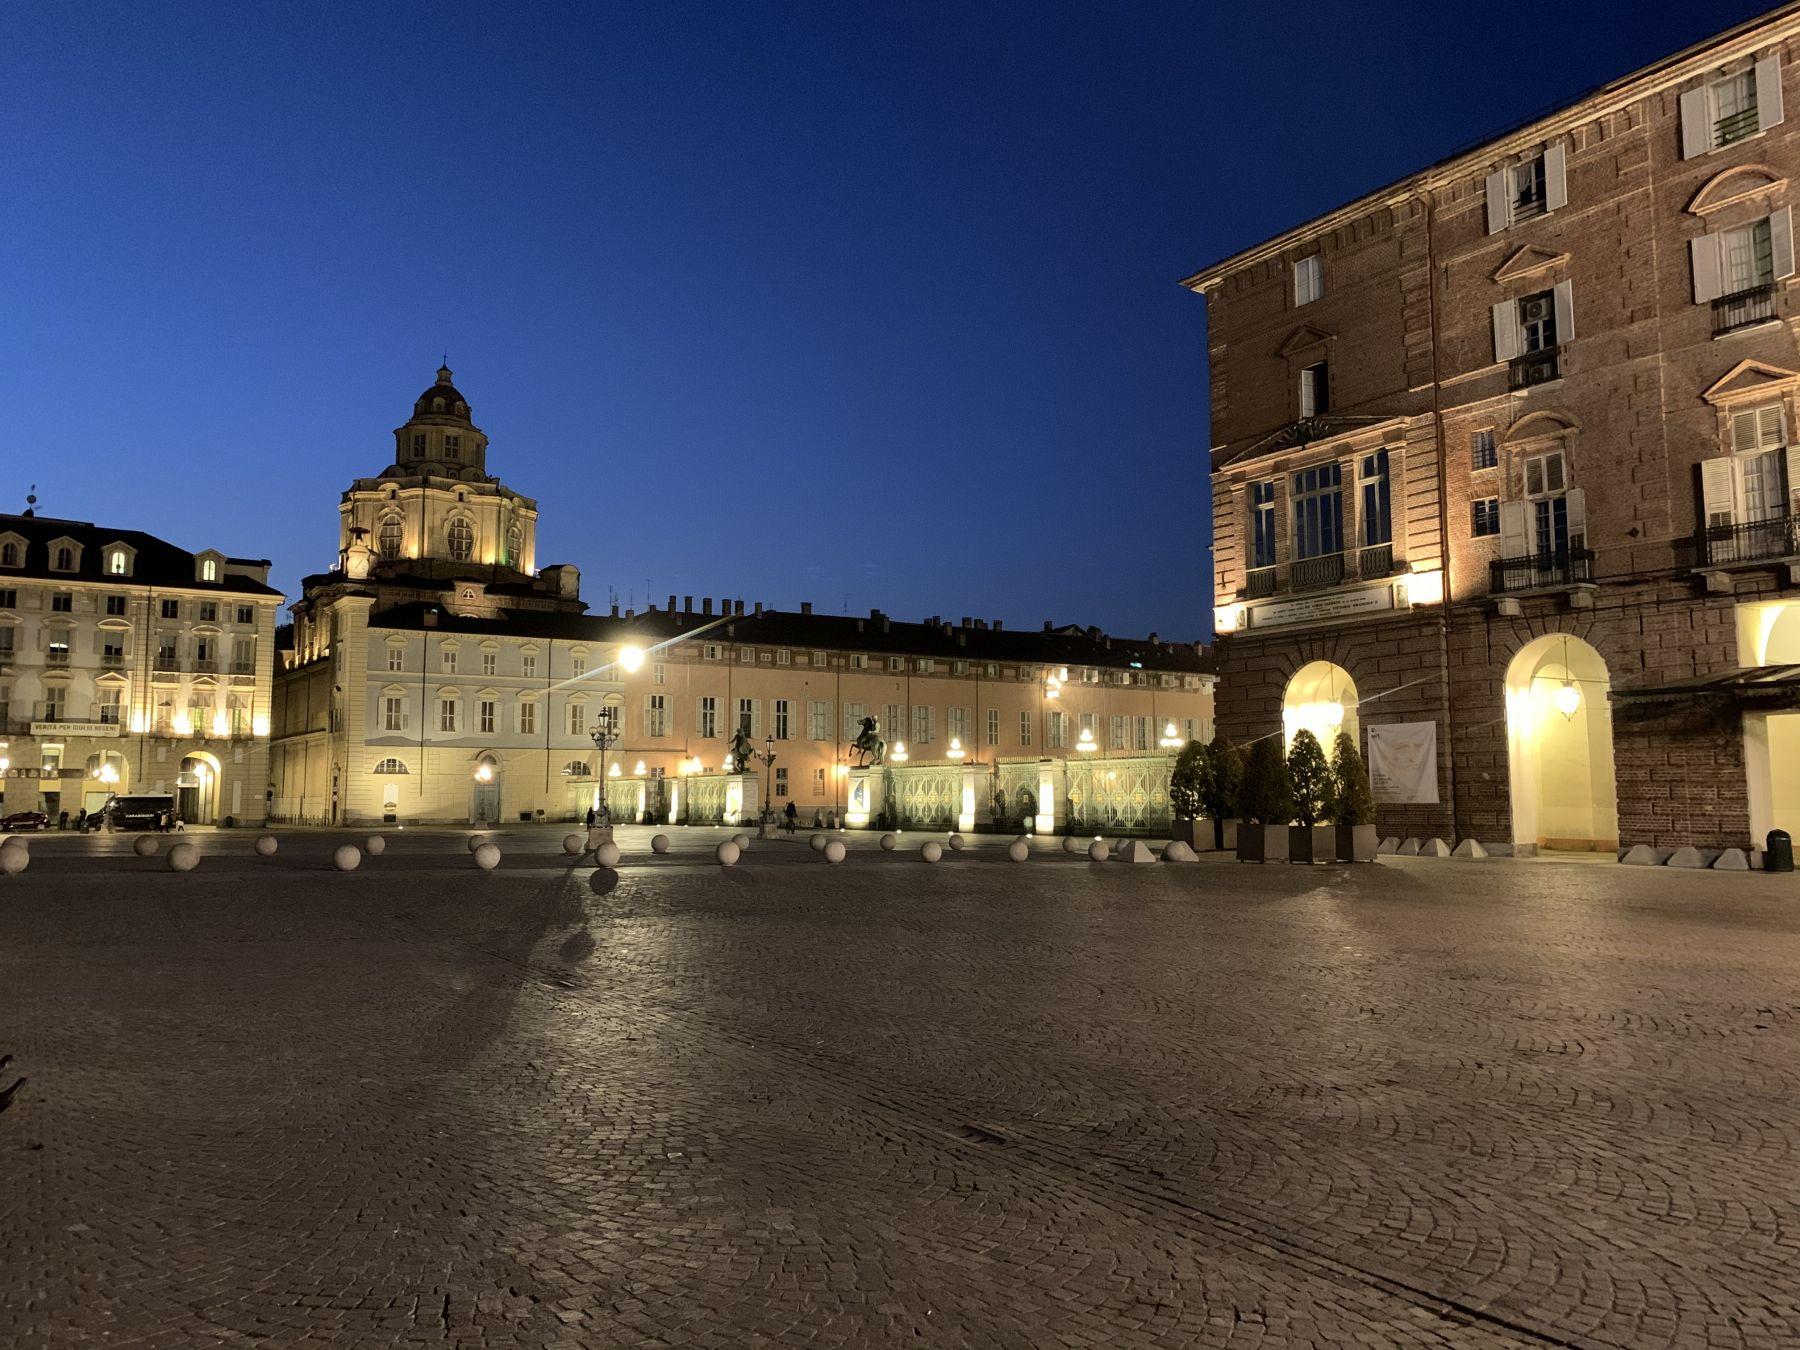 Part 1 - Turin